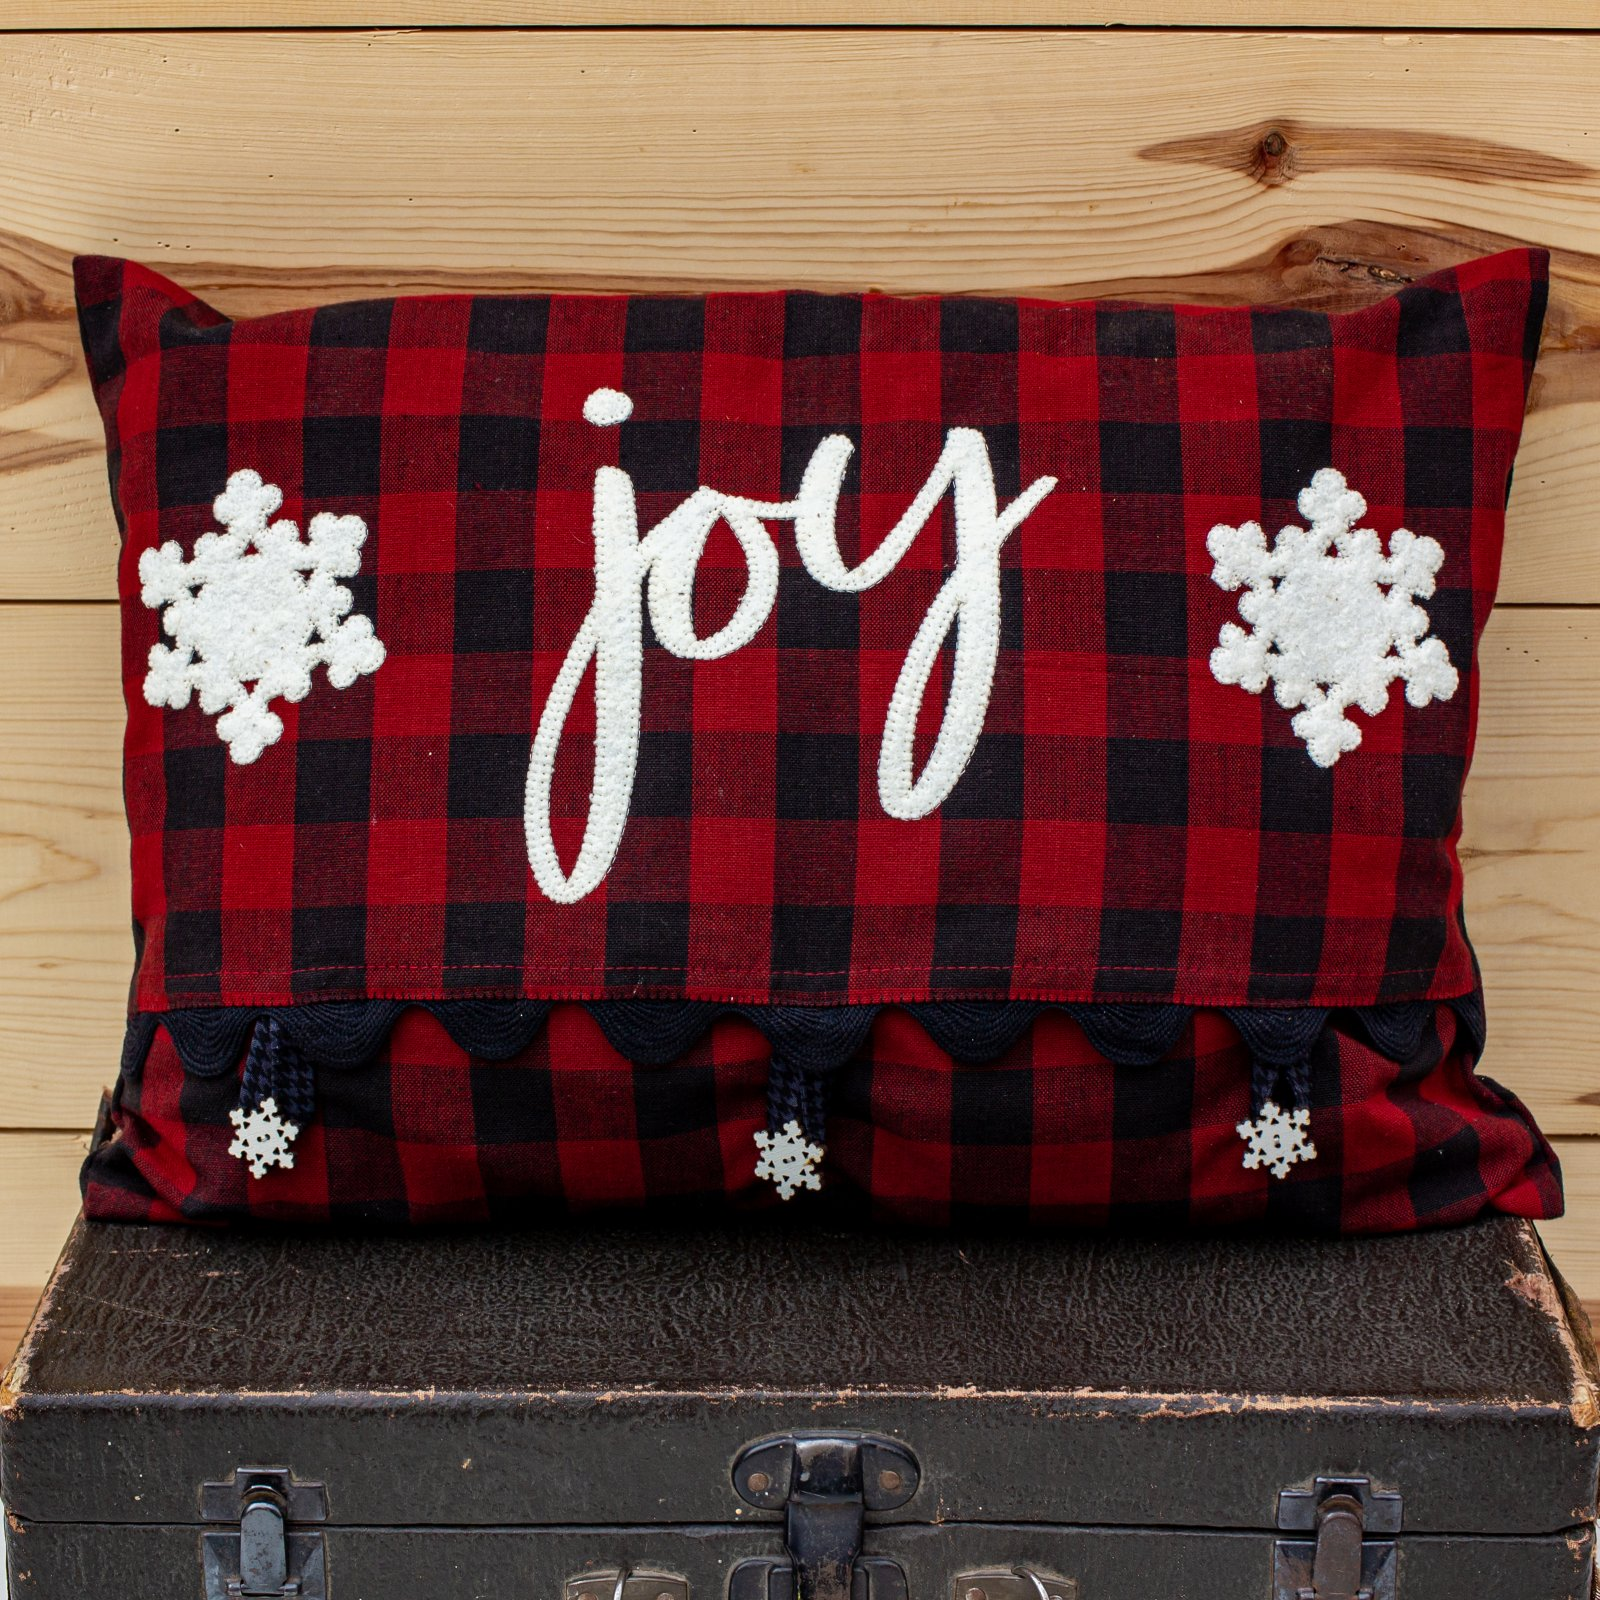 Joy & Snowflakes Pillow Cover Kit